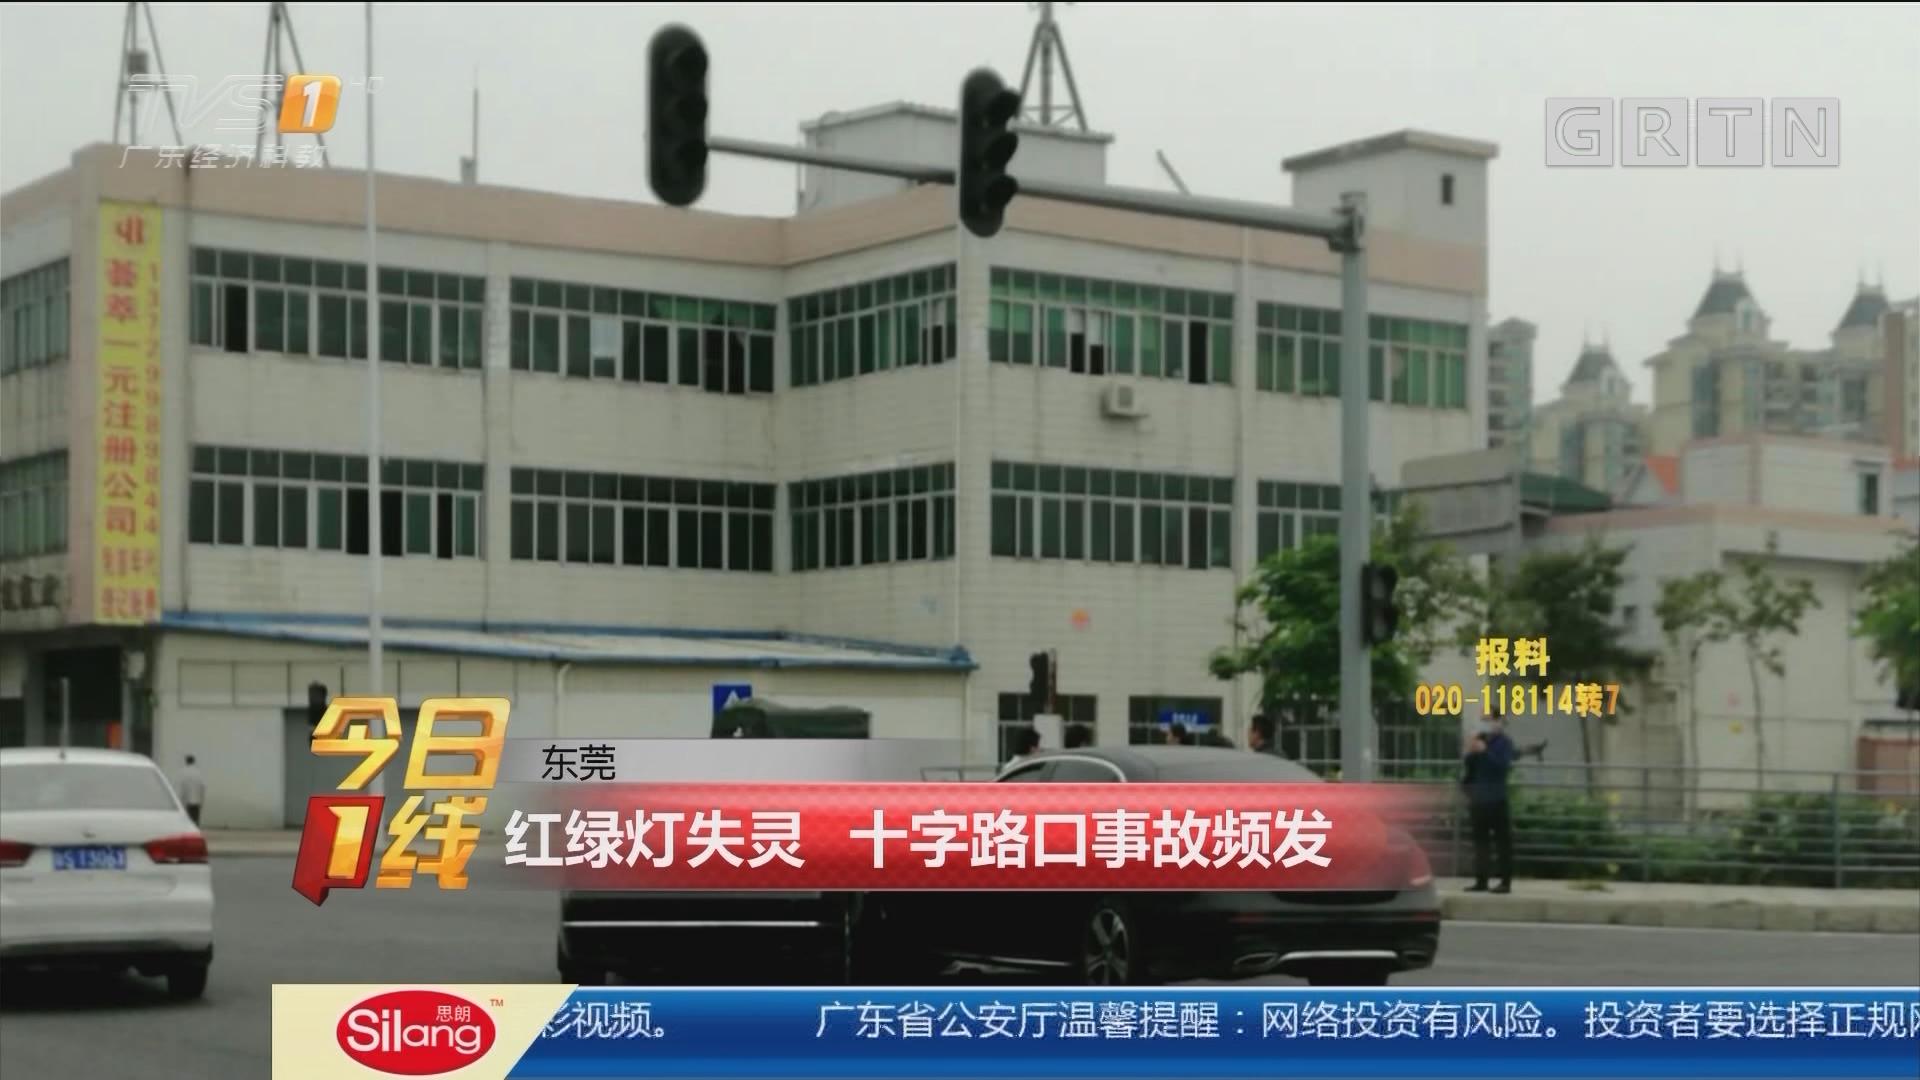 东莞:红绿灯失灵 十字路口事故频发